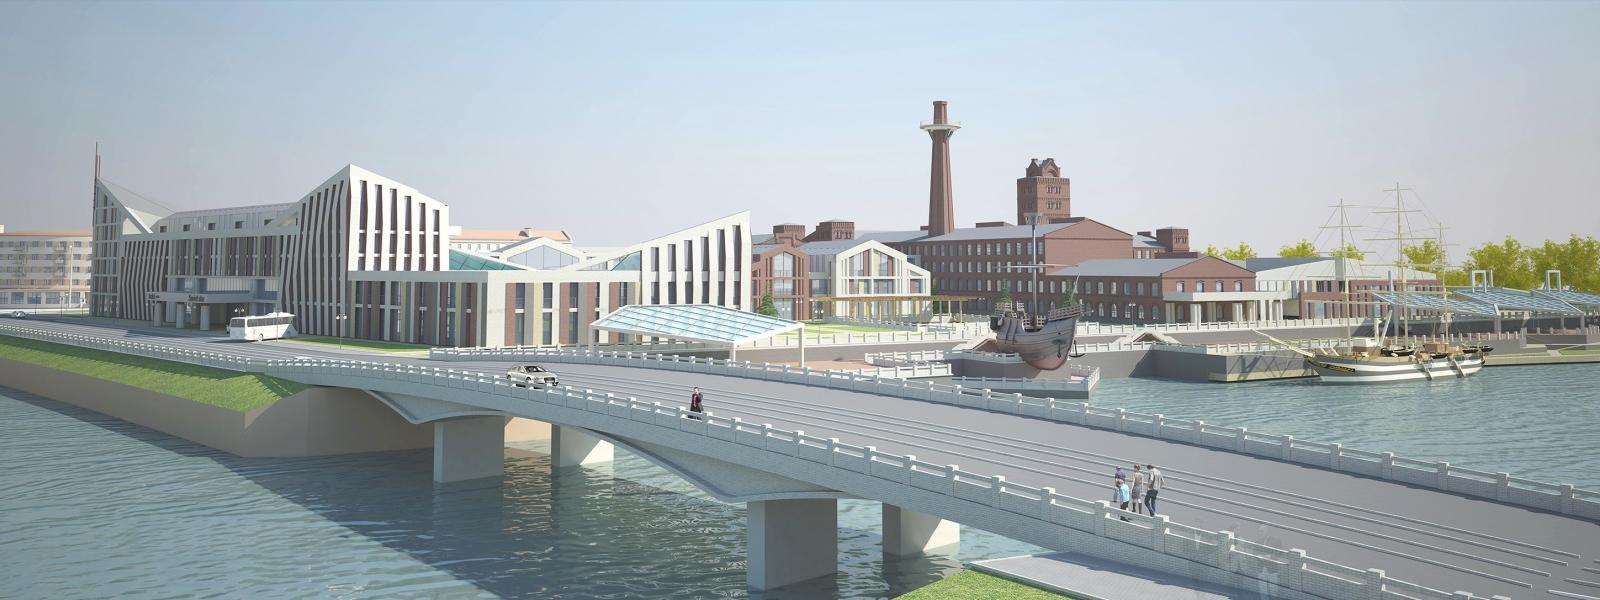 work-Преобразование промышленных территорий на примере гостиничного комплекса в Санкт-Петербурге